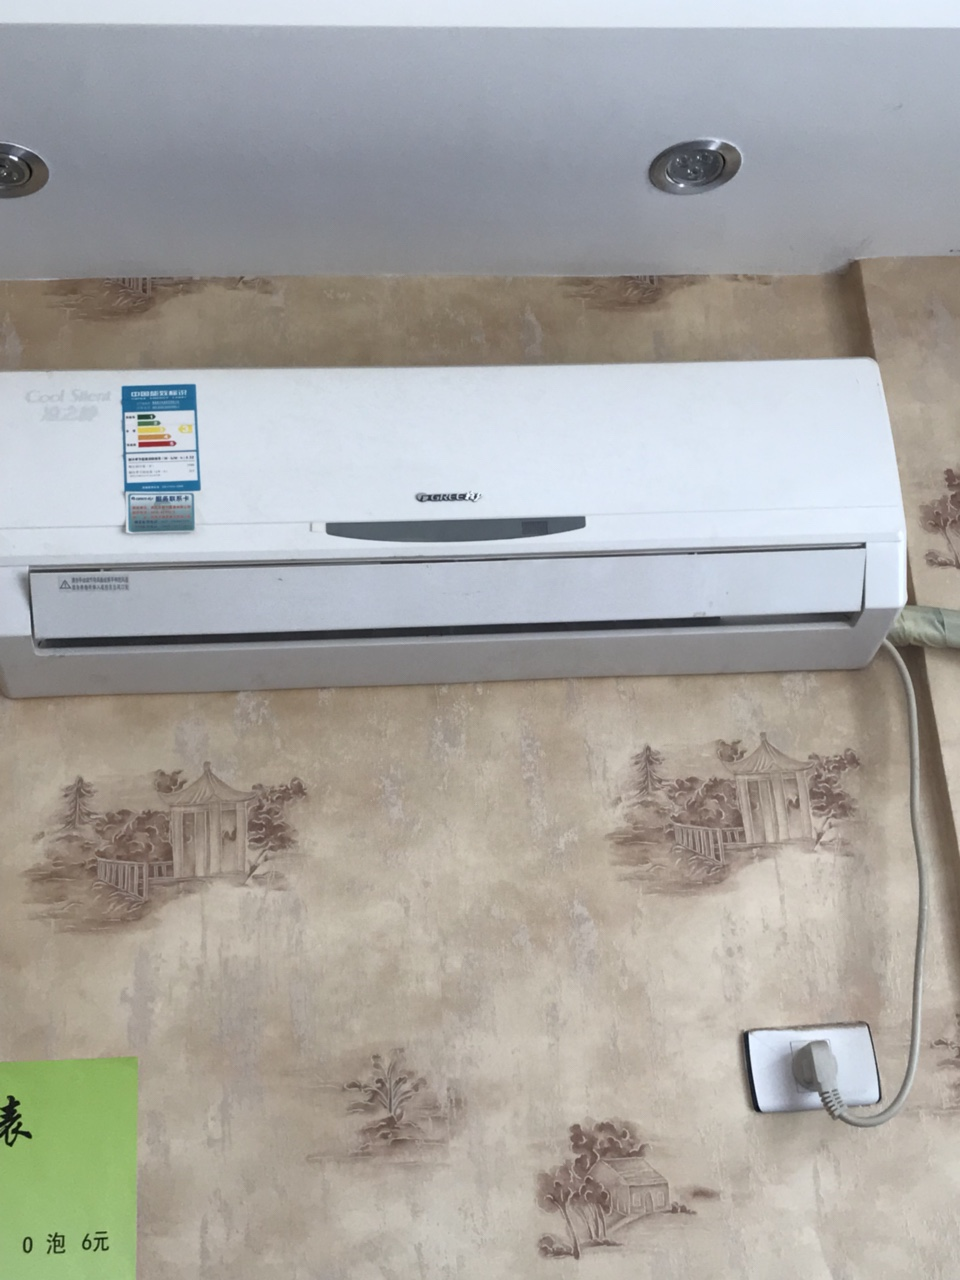 格力空调,才用几个月,大1.5匹的,买要四千多,现在2500一台,有四五台处理,不包拆装